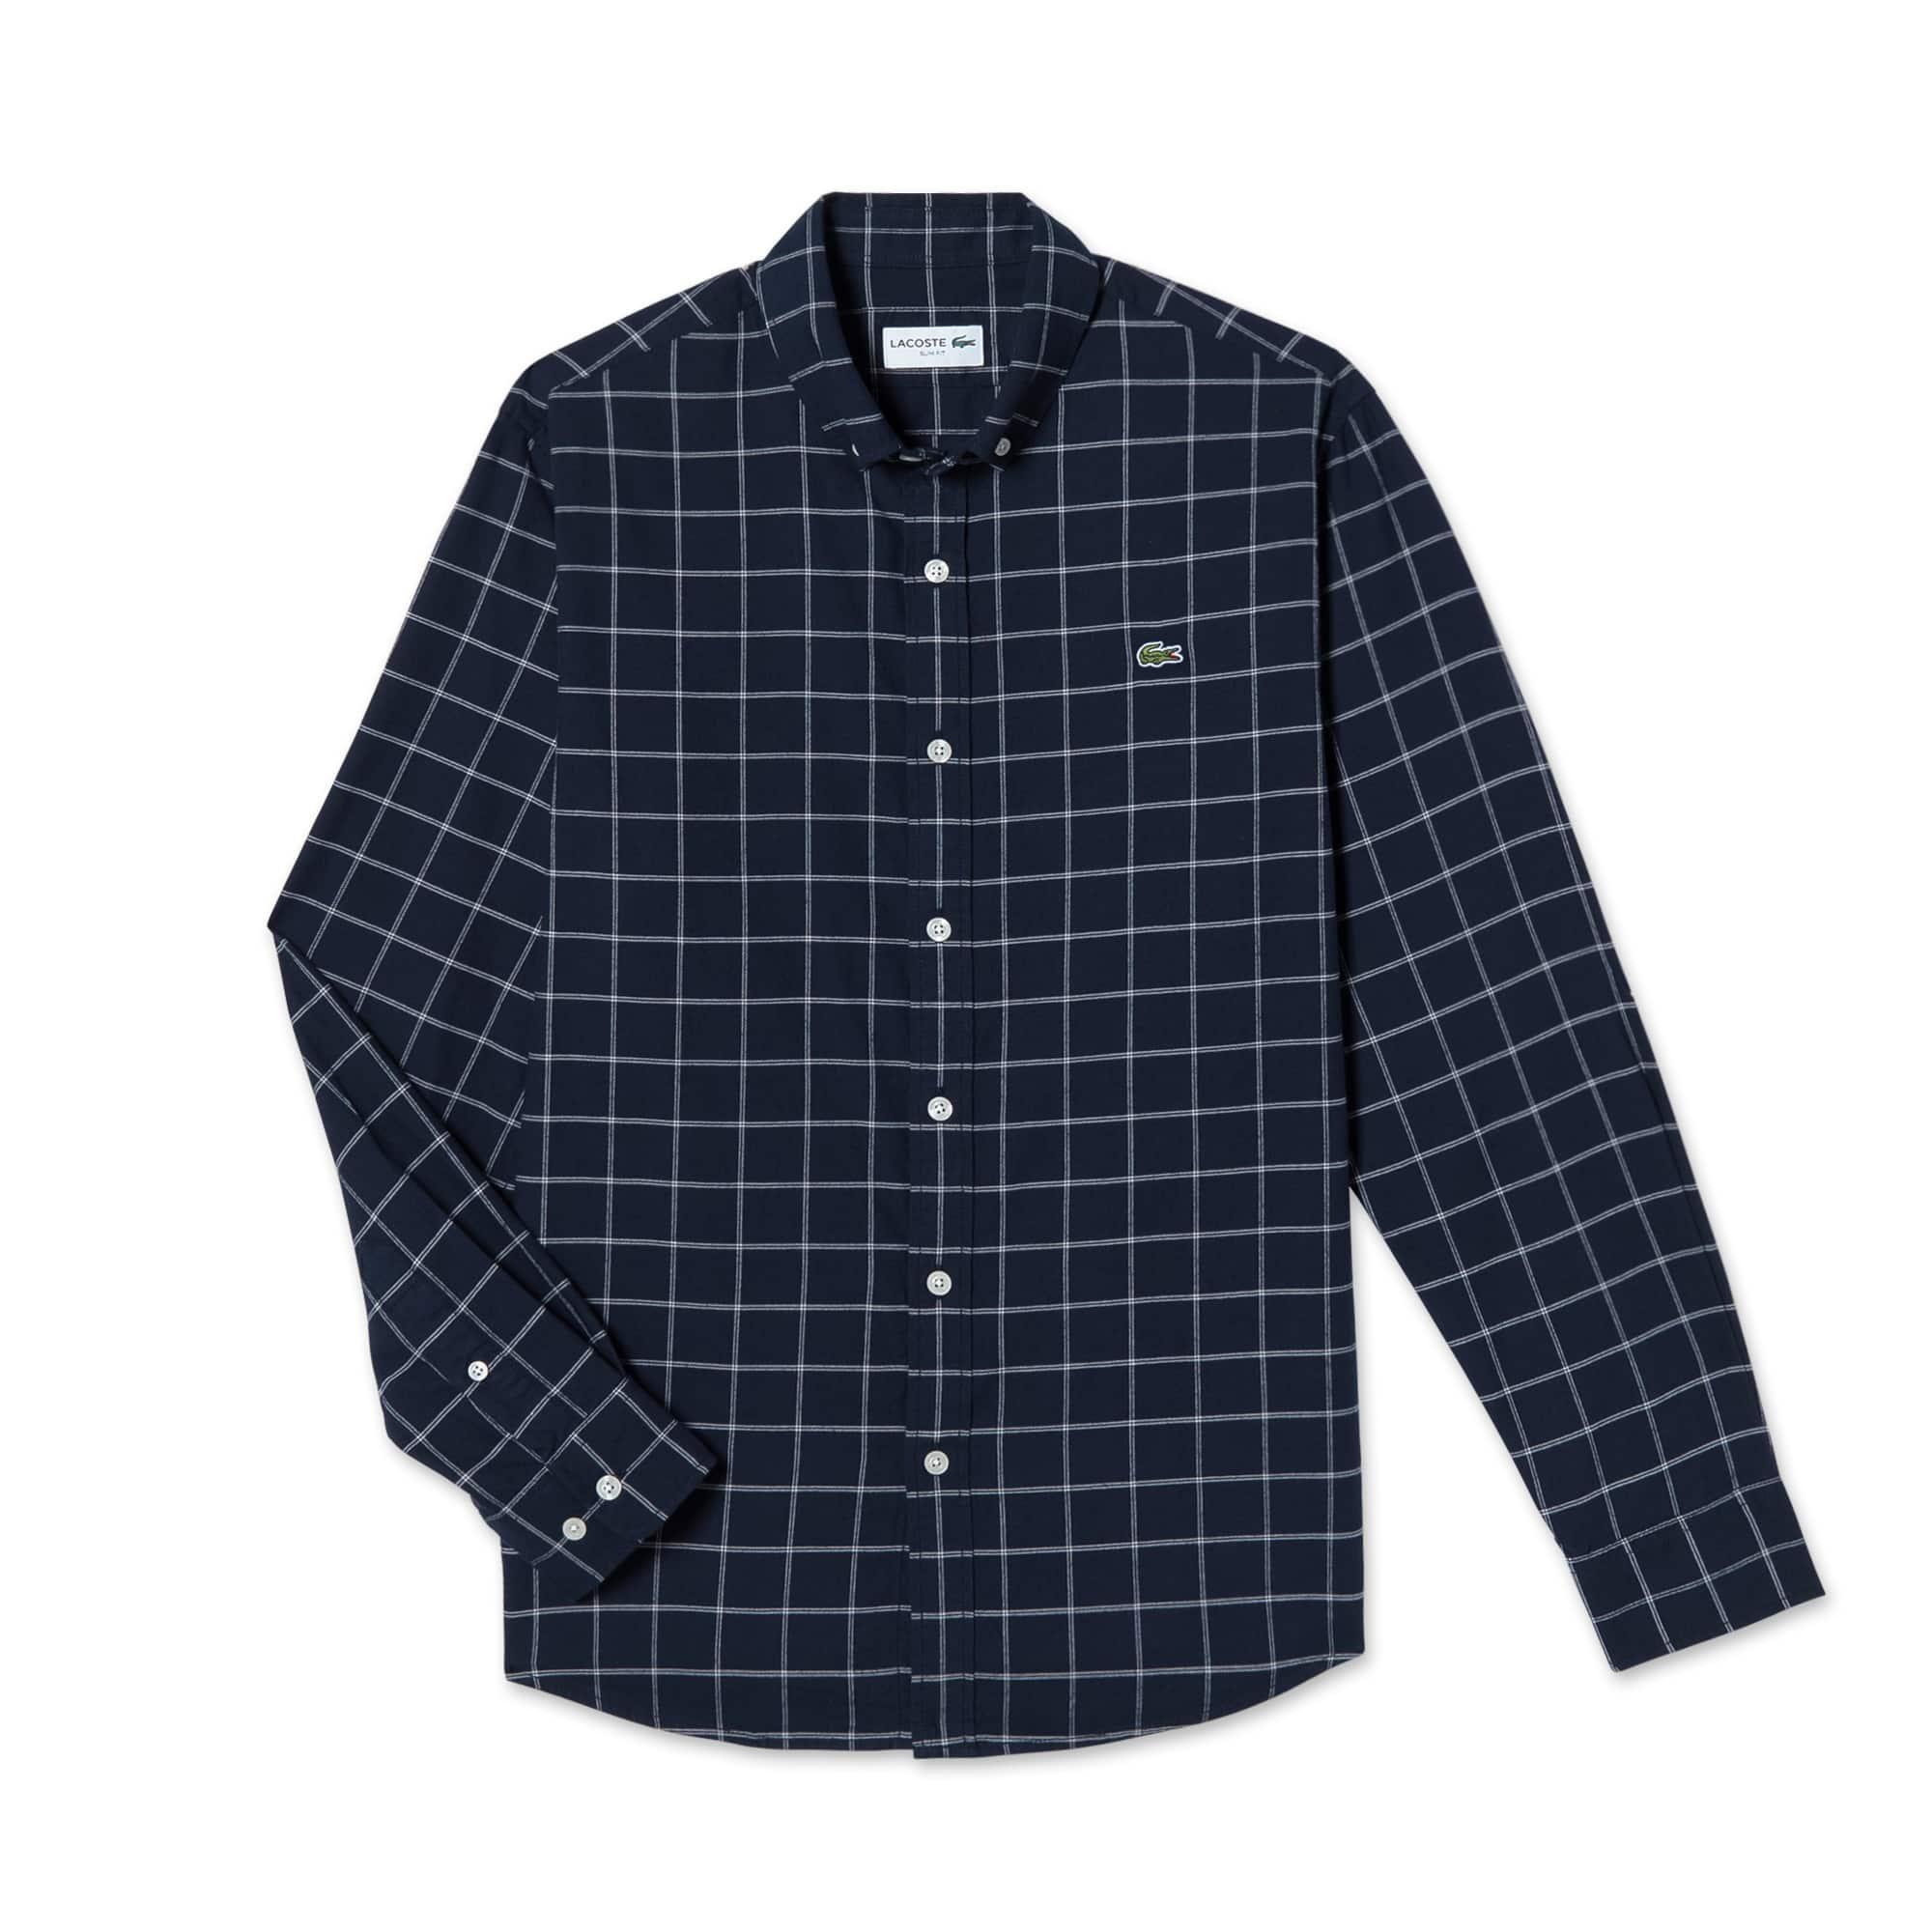 (남성) 라코스테 플란넬 그리드 체크 슬림 셔츠